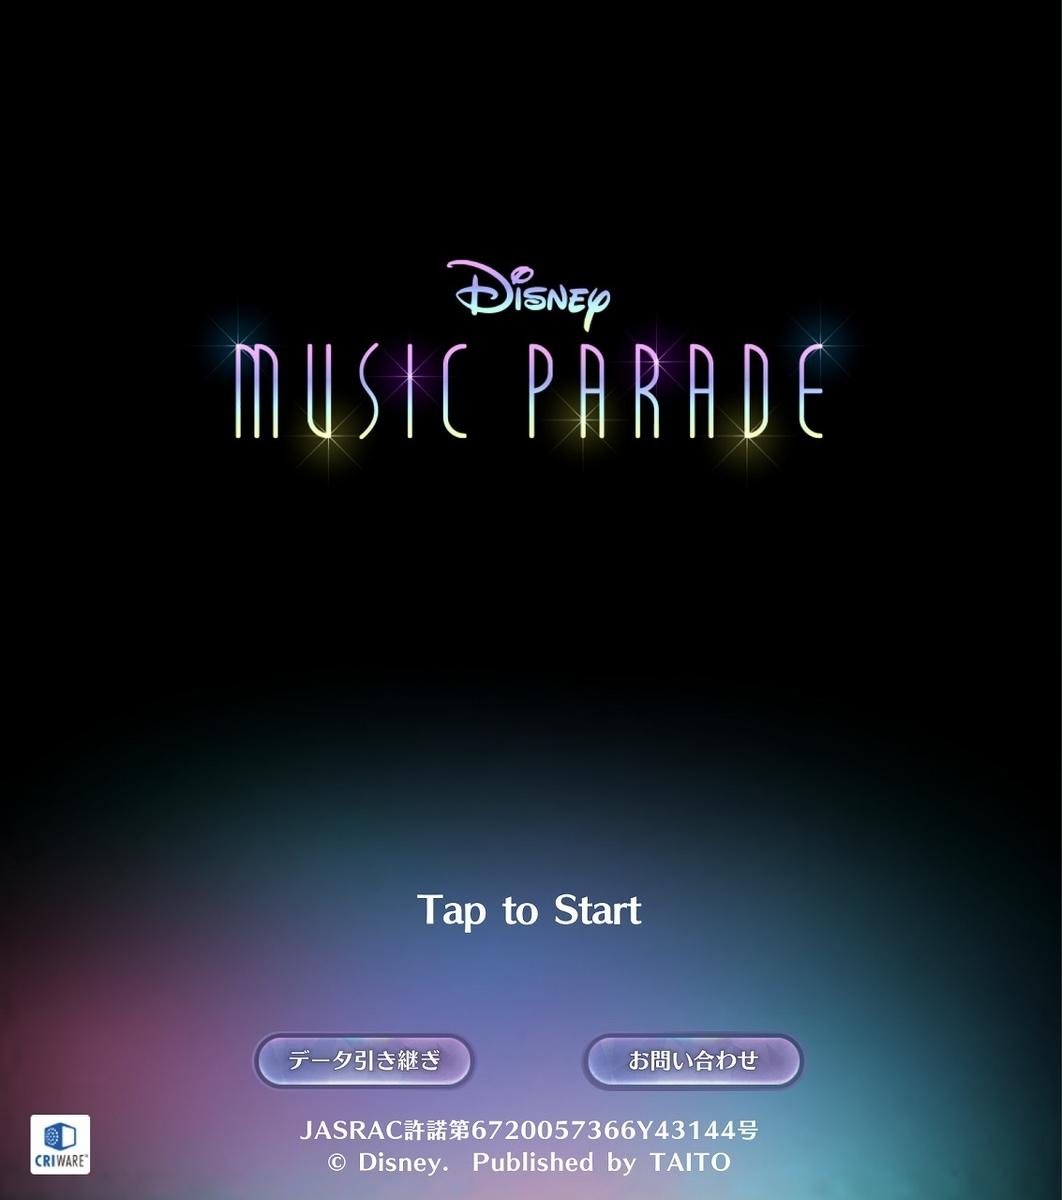 ディズニー ミュージックパレード・トップ画面